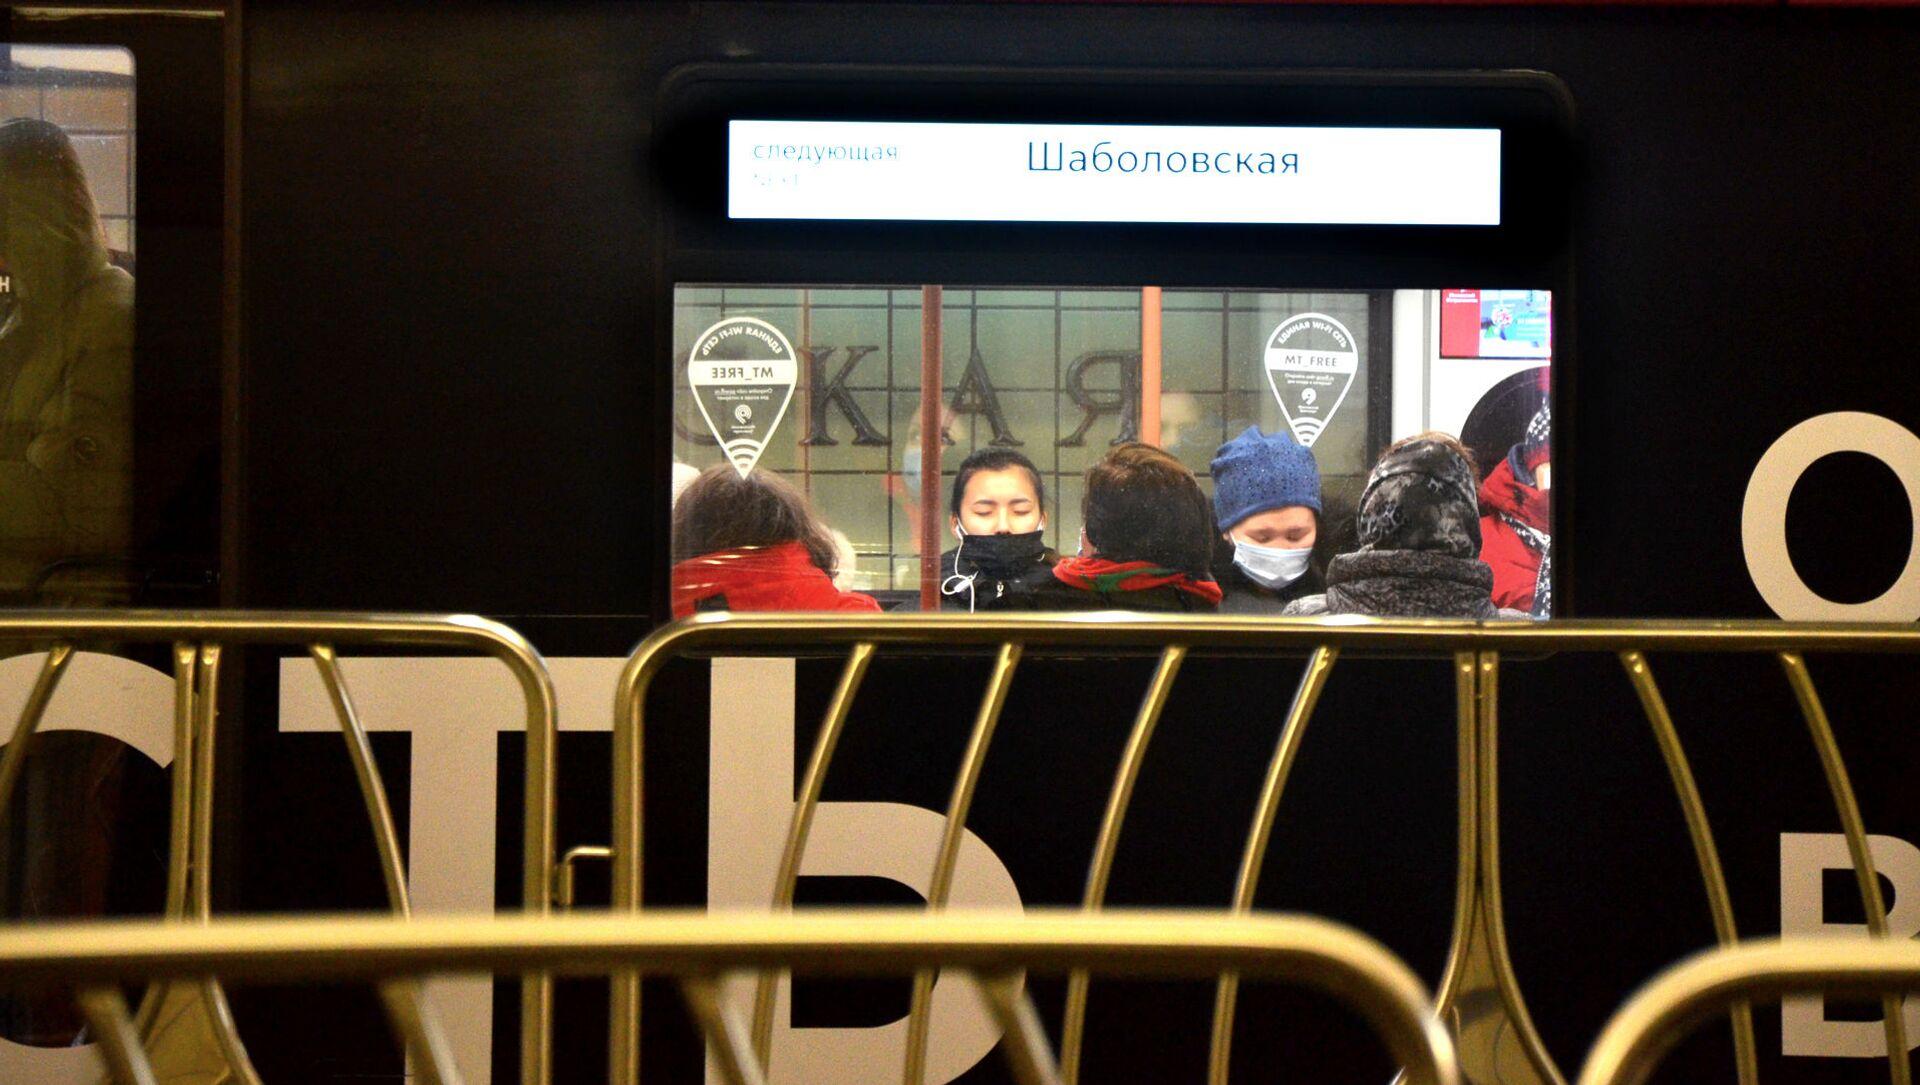 Coronavirus in Russia - Mosca, metropolitana, febbraio 2021 - Sputnik Italia, 1920, 16.02.2021